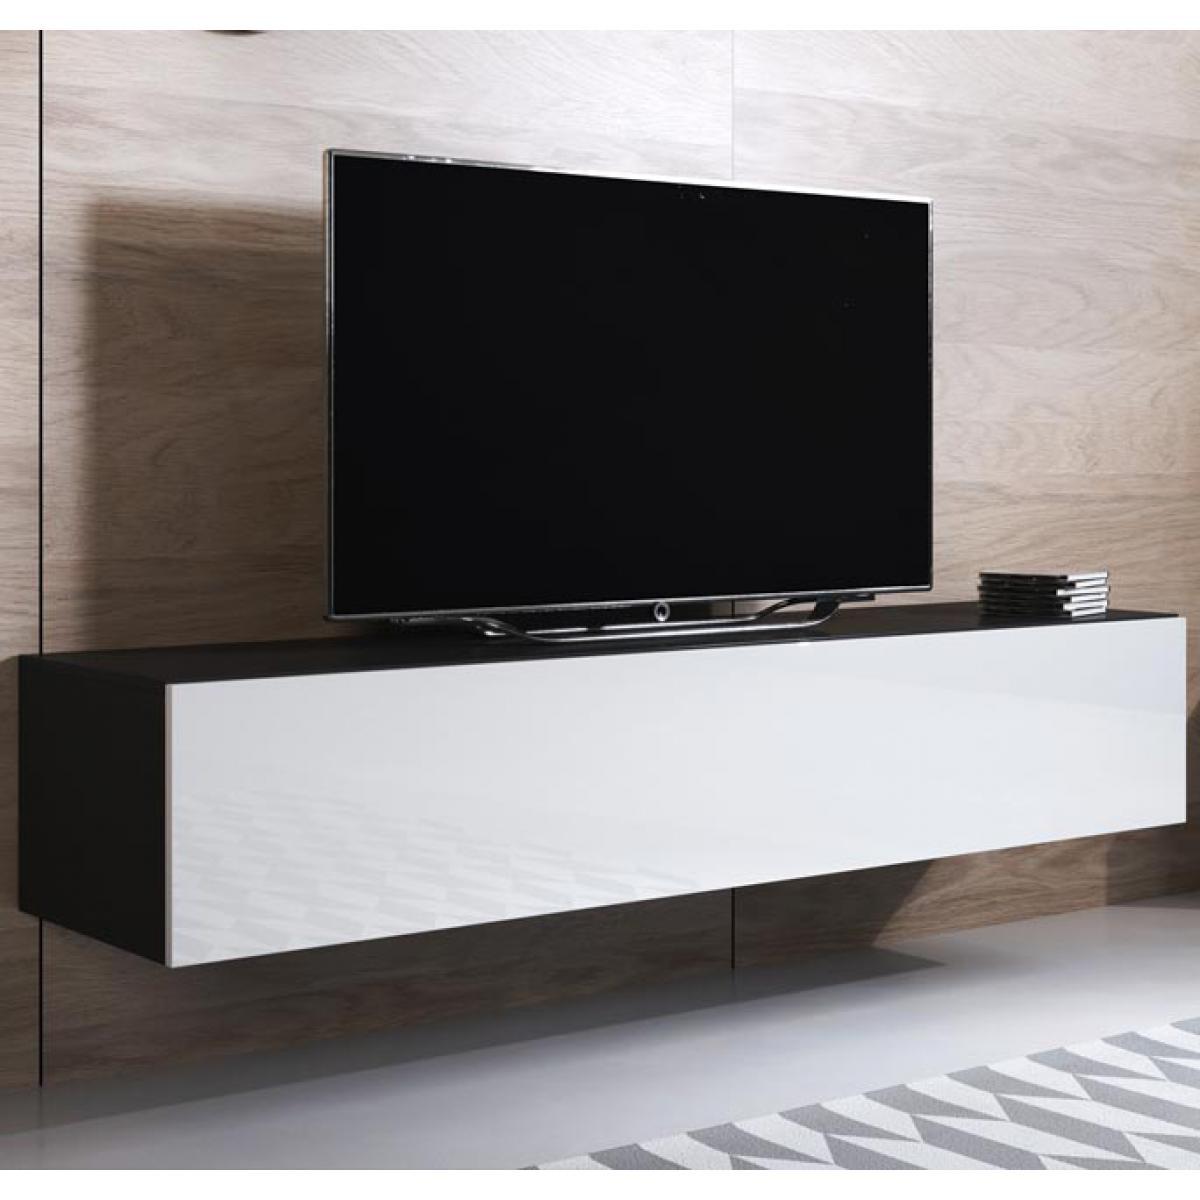 Design Ameublement Meuble TV modèle Luke H2 (160x30cm) couleur noir et blanc